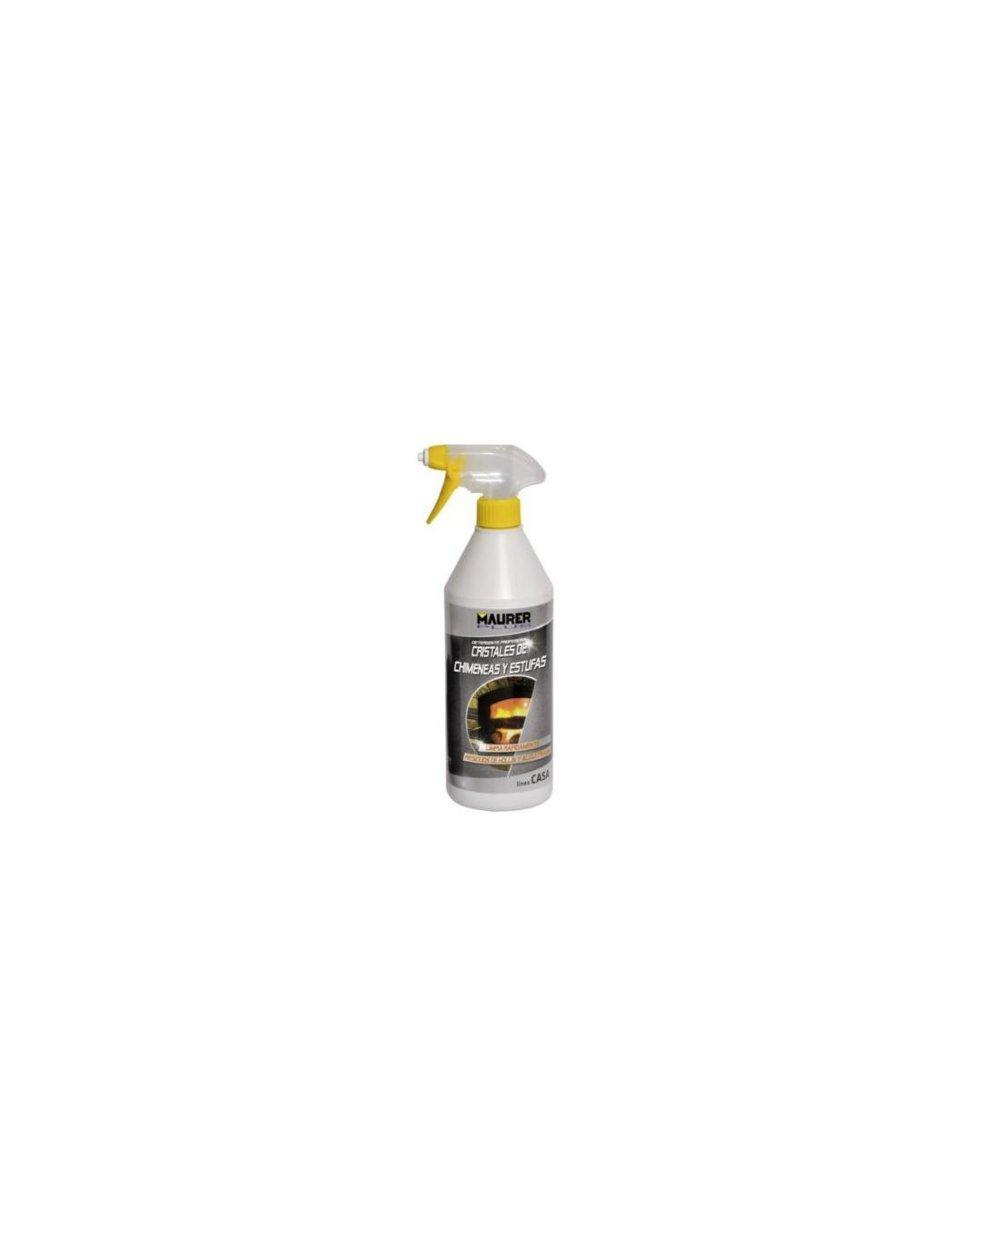 Wolfpack–Detergente estufa-chime.Maurer 750ml Pulv f05-94176